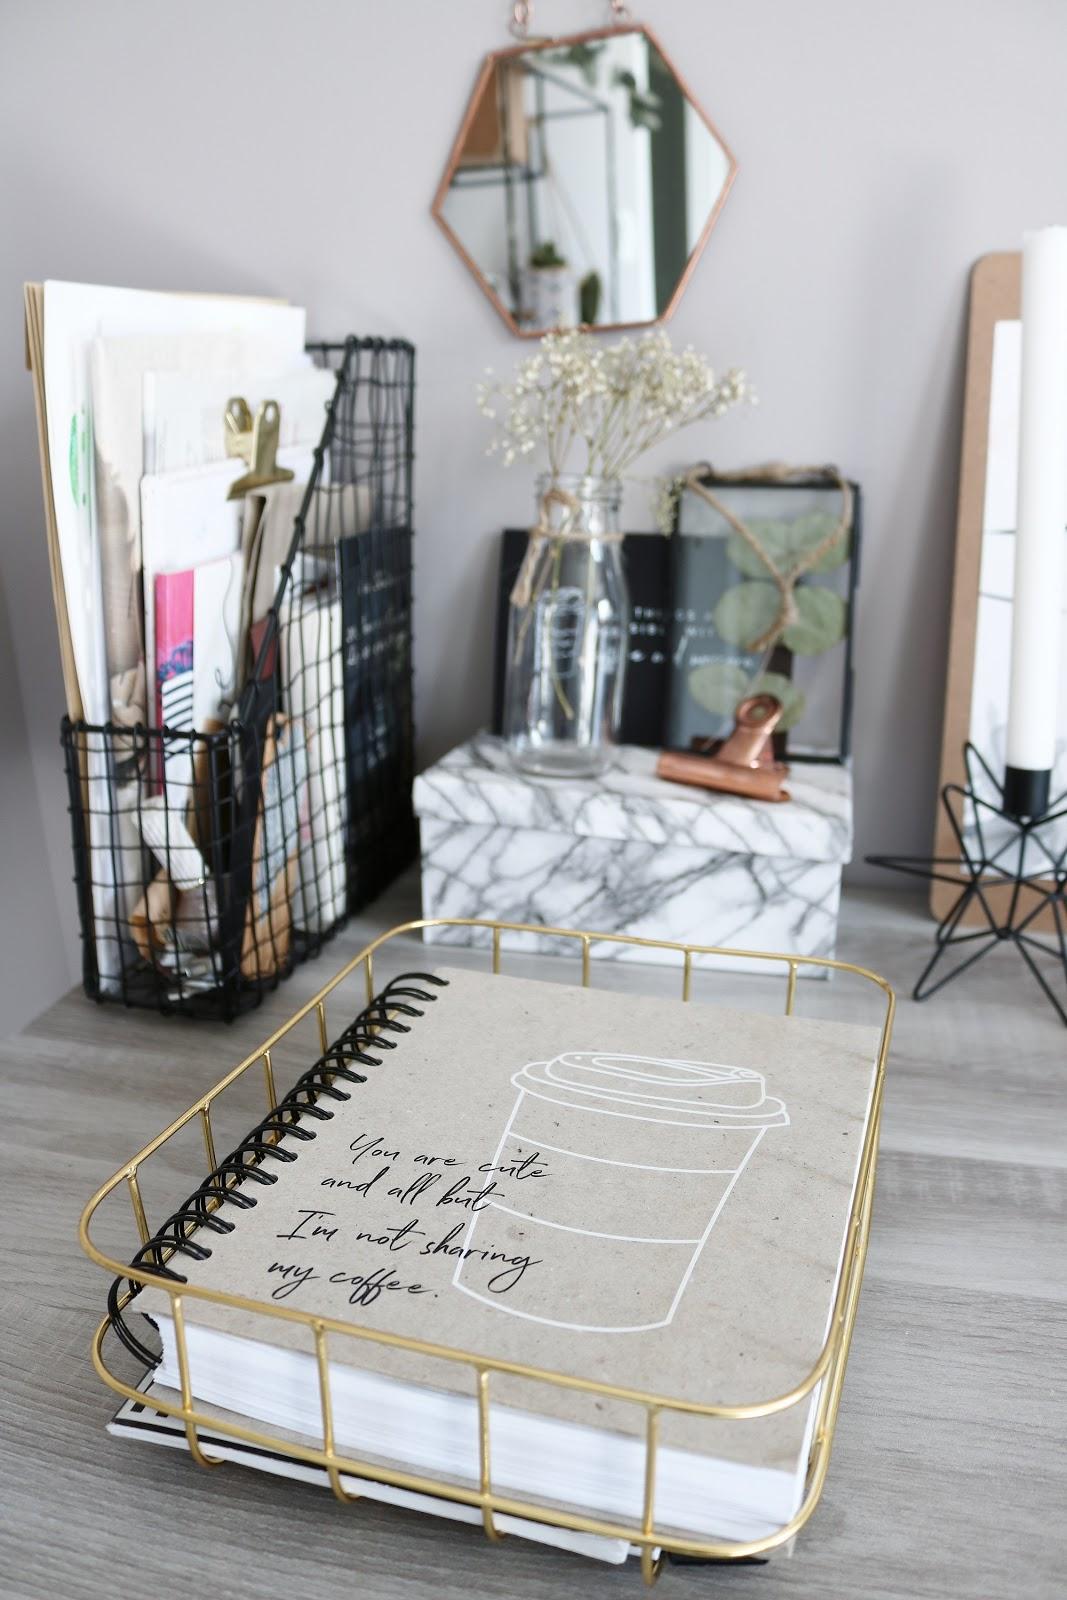 bureau palette bois bureau ralis partir duune palette en bois with bureau palette bois. Black Bedroom Furniture Sets. Home Design Ideas